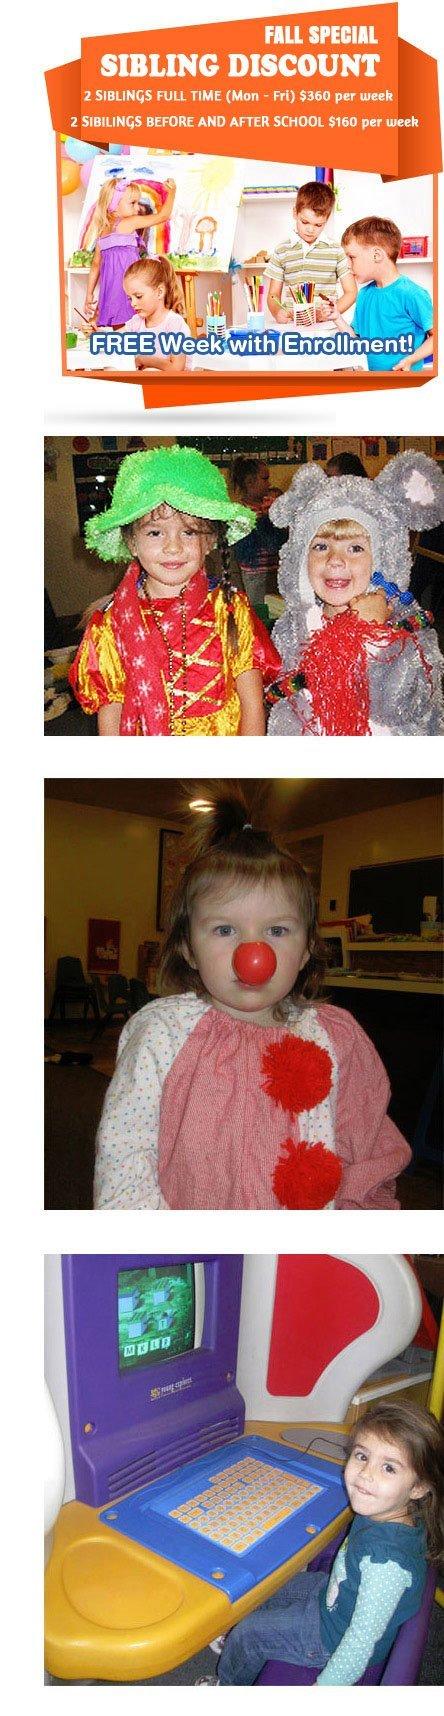 Toddler Program - Marlboro, NY - Alphabet Tree Children's Center - children - We Offer More For Less!